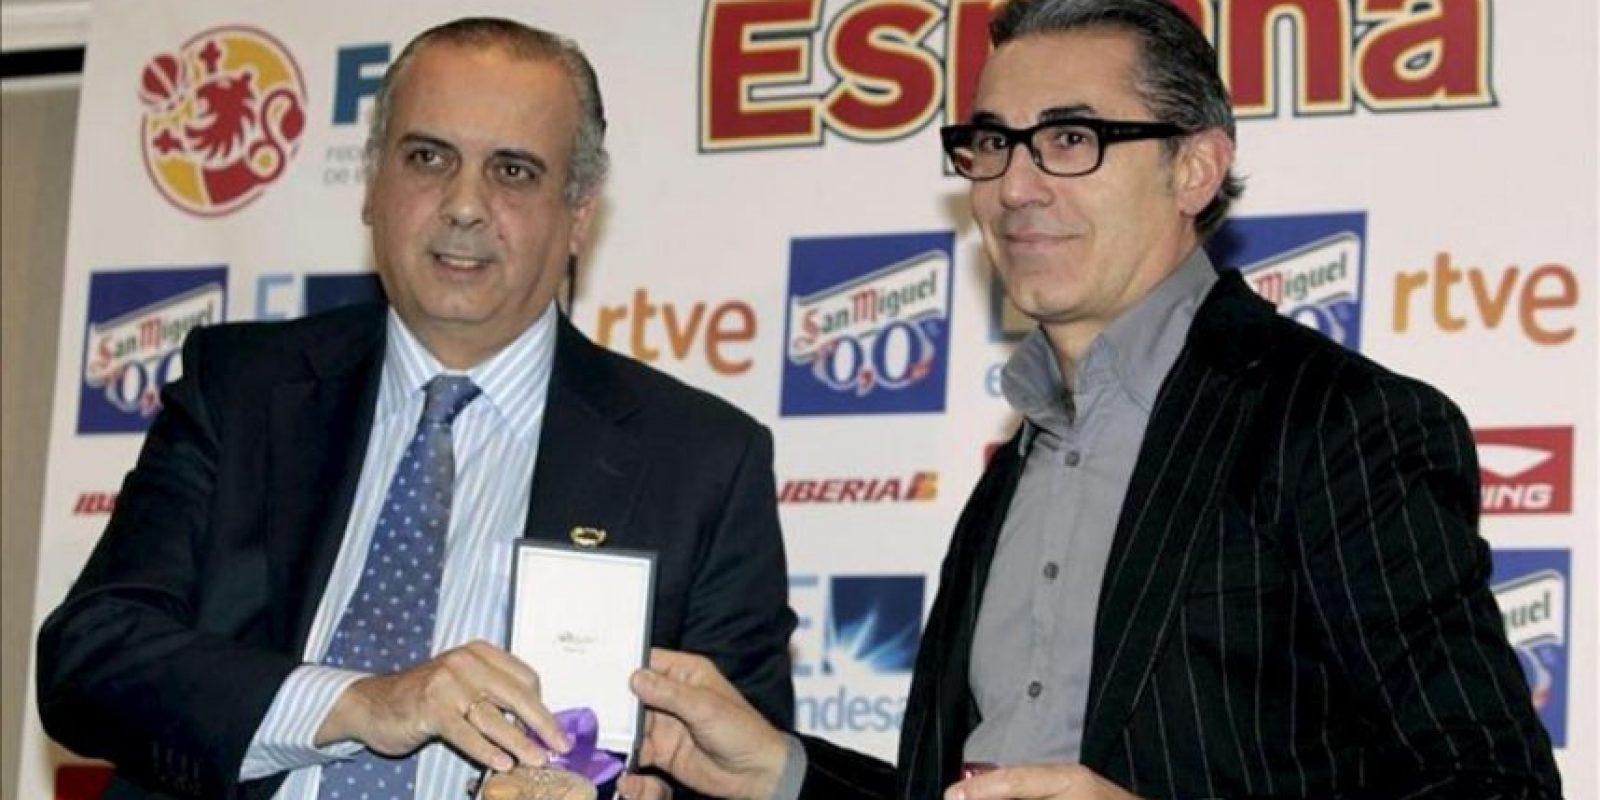 El seleccionador nacional de baloncesto, el italiano Sergio Scariolo (d), recibe de manos del presidente de la Federación Española de Baloncesto (FEB), José Luis Sáez, la medalla de campeón de Europa, durante la rueda de prensa que ha ofrecido hoy en Madrid. EFE